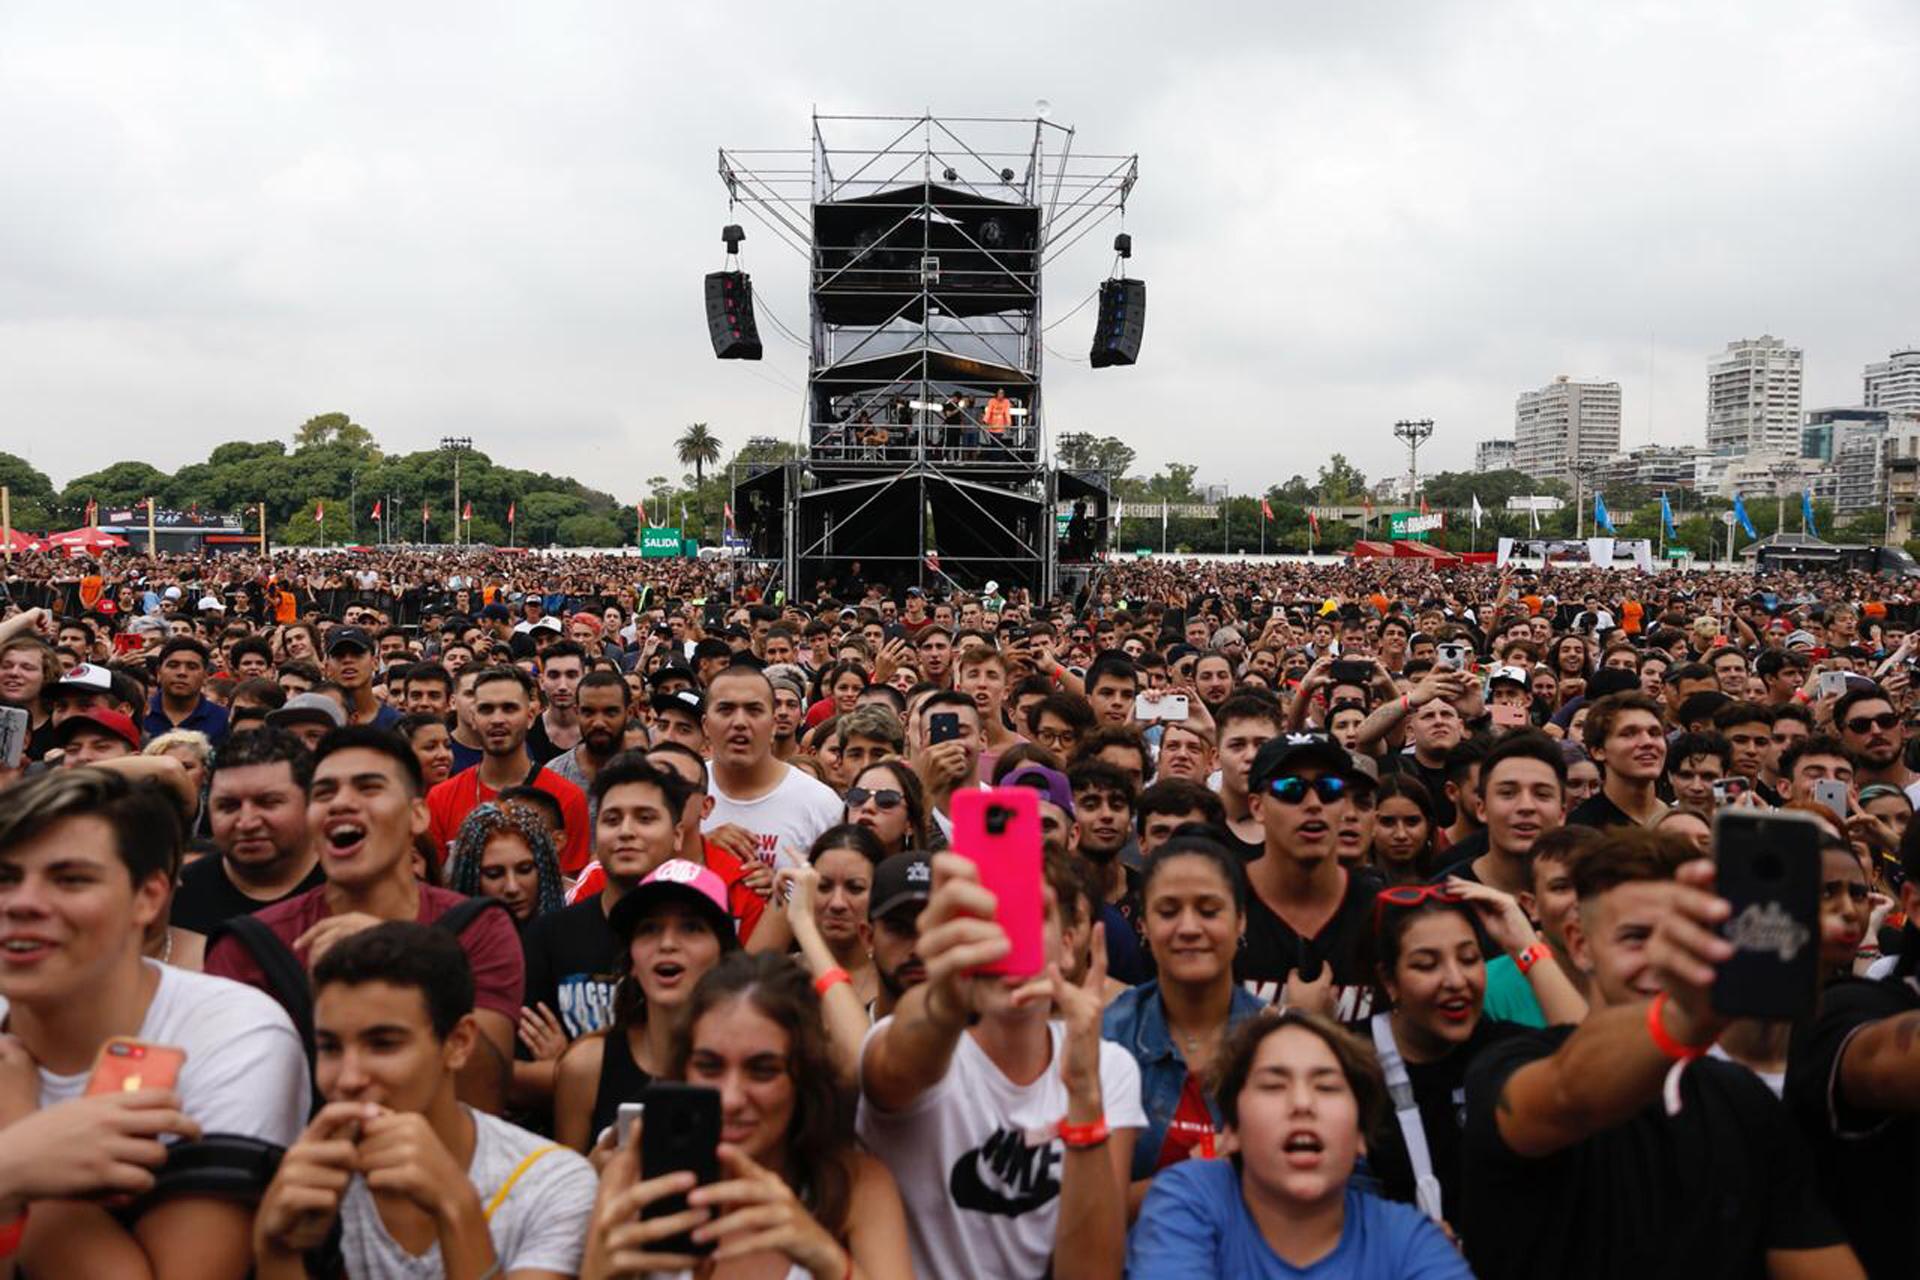 El público del Buenos Aires Trap, más centennial que millennial, disfrutó desde temprano las casi diez horas de música urbana ininterrumpida (Mono Gómez / CZ Comunicación)